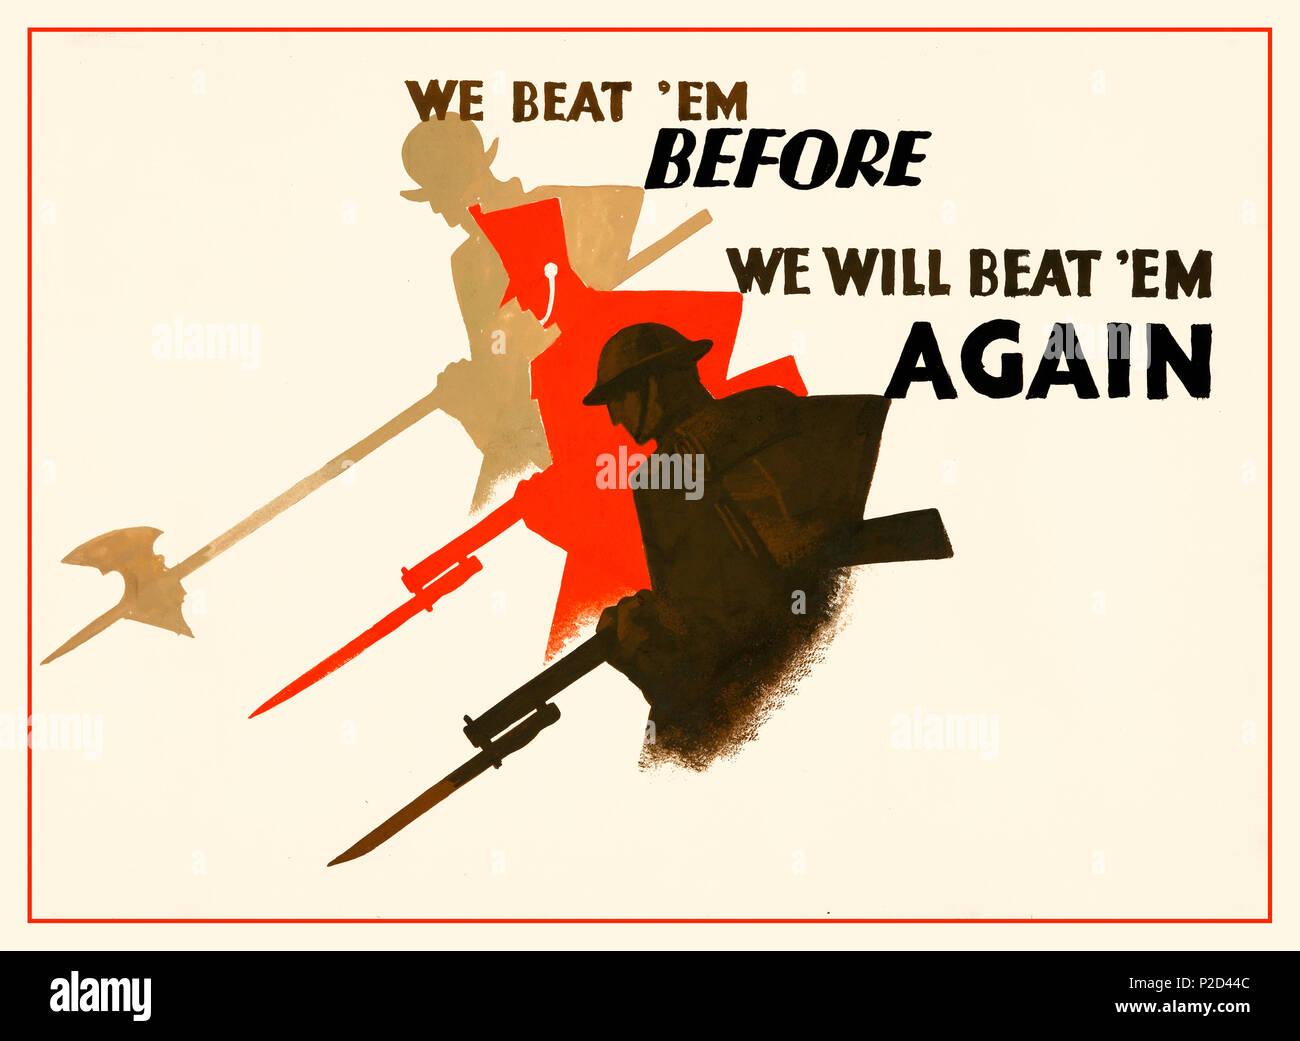 WW2 1940 Vintage Propaganda Graphic Art Poster, die Briten die Deutschen historisch besiegte im WW1 und wird sie wieder schlagen im Zweiten Weltkrieg Stockbild